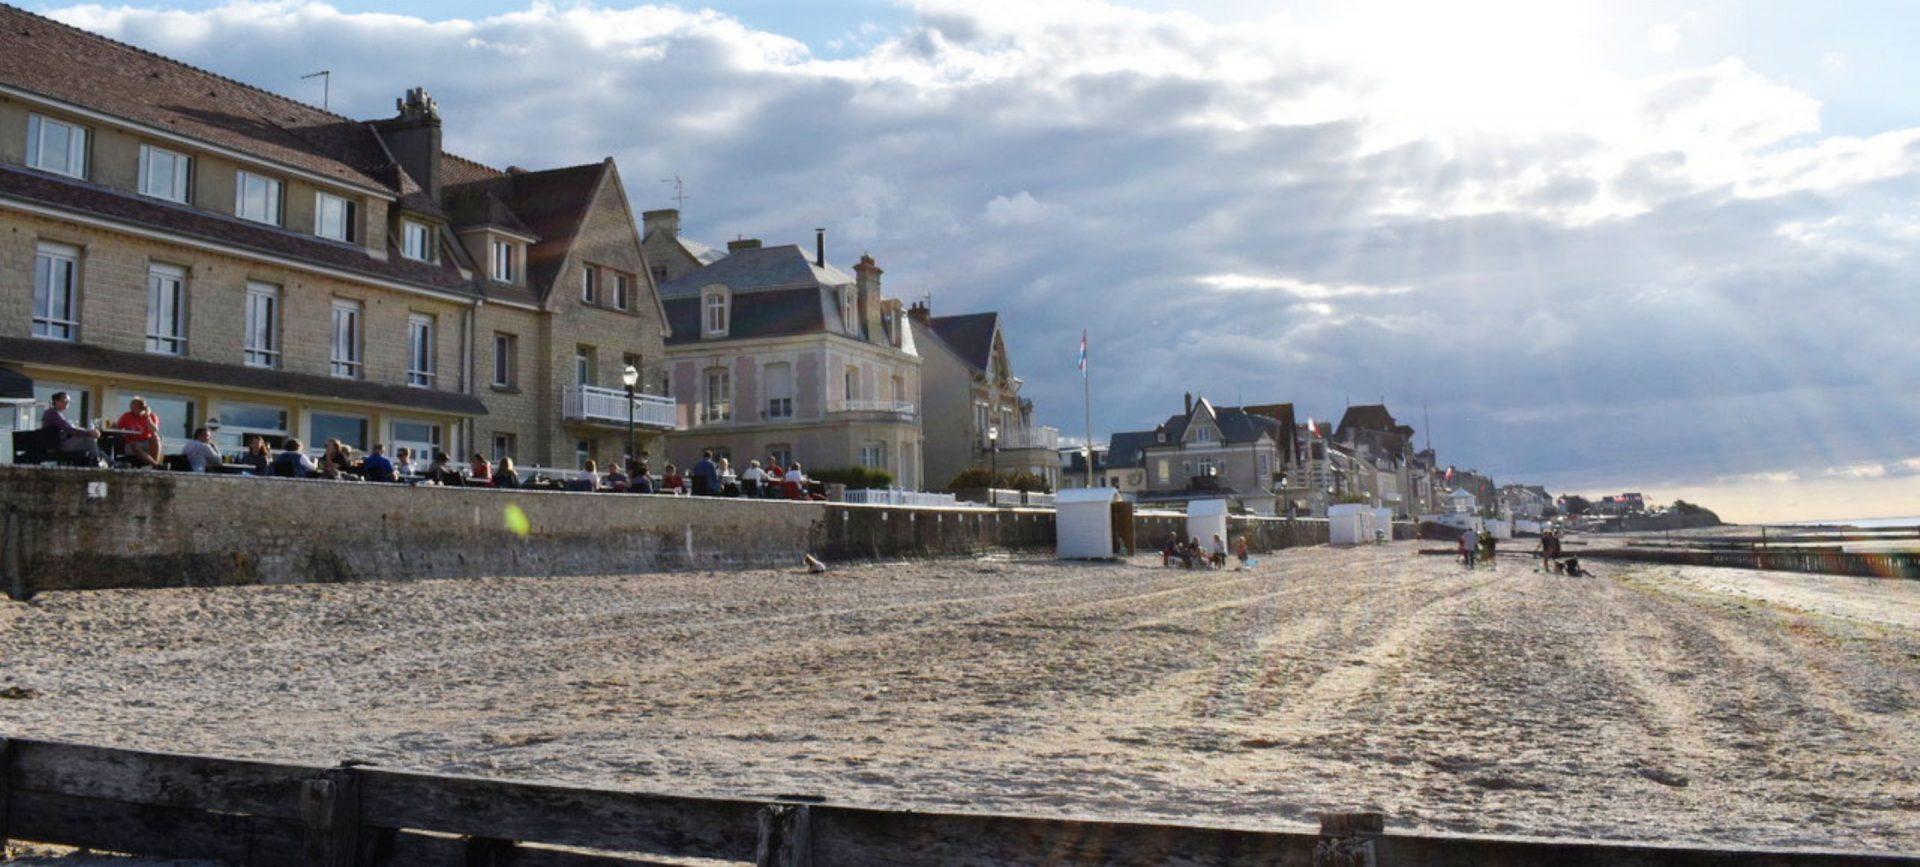 Hotel Le Clos Normand - Normande - plage